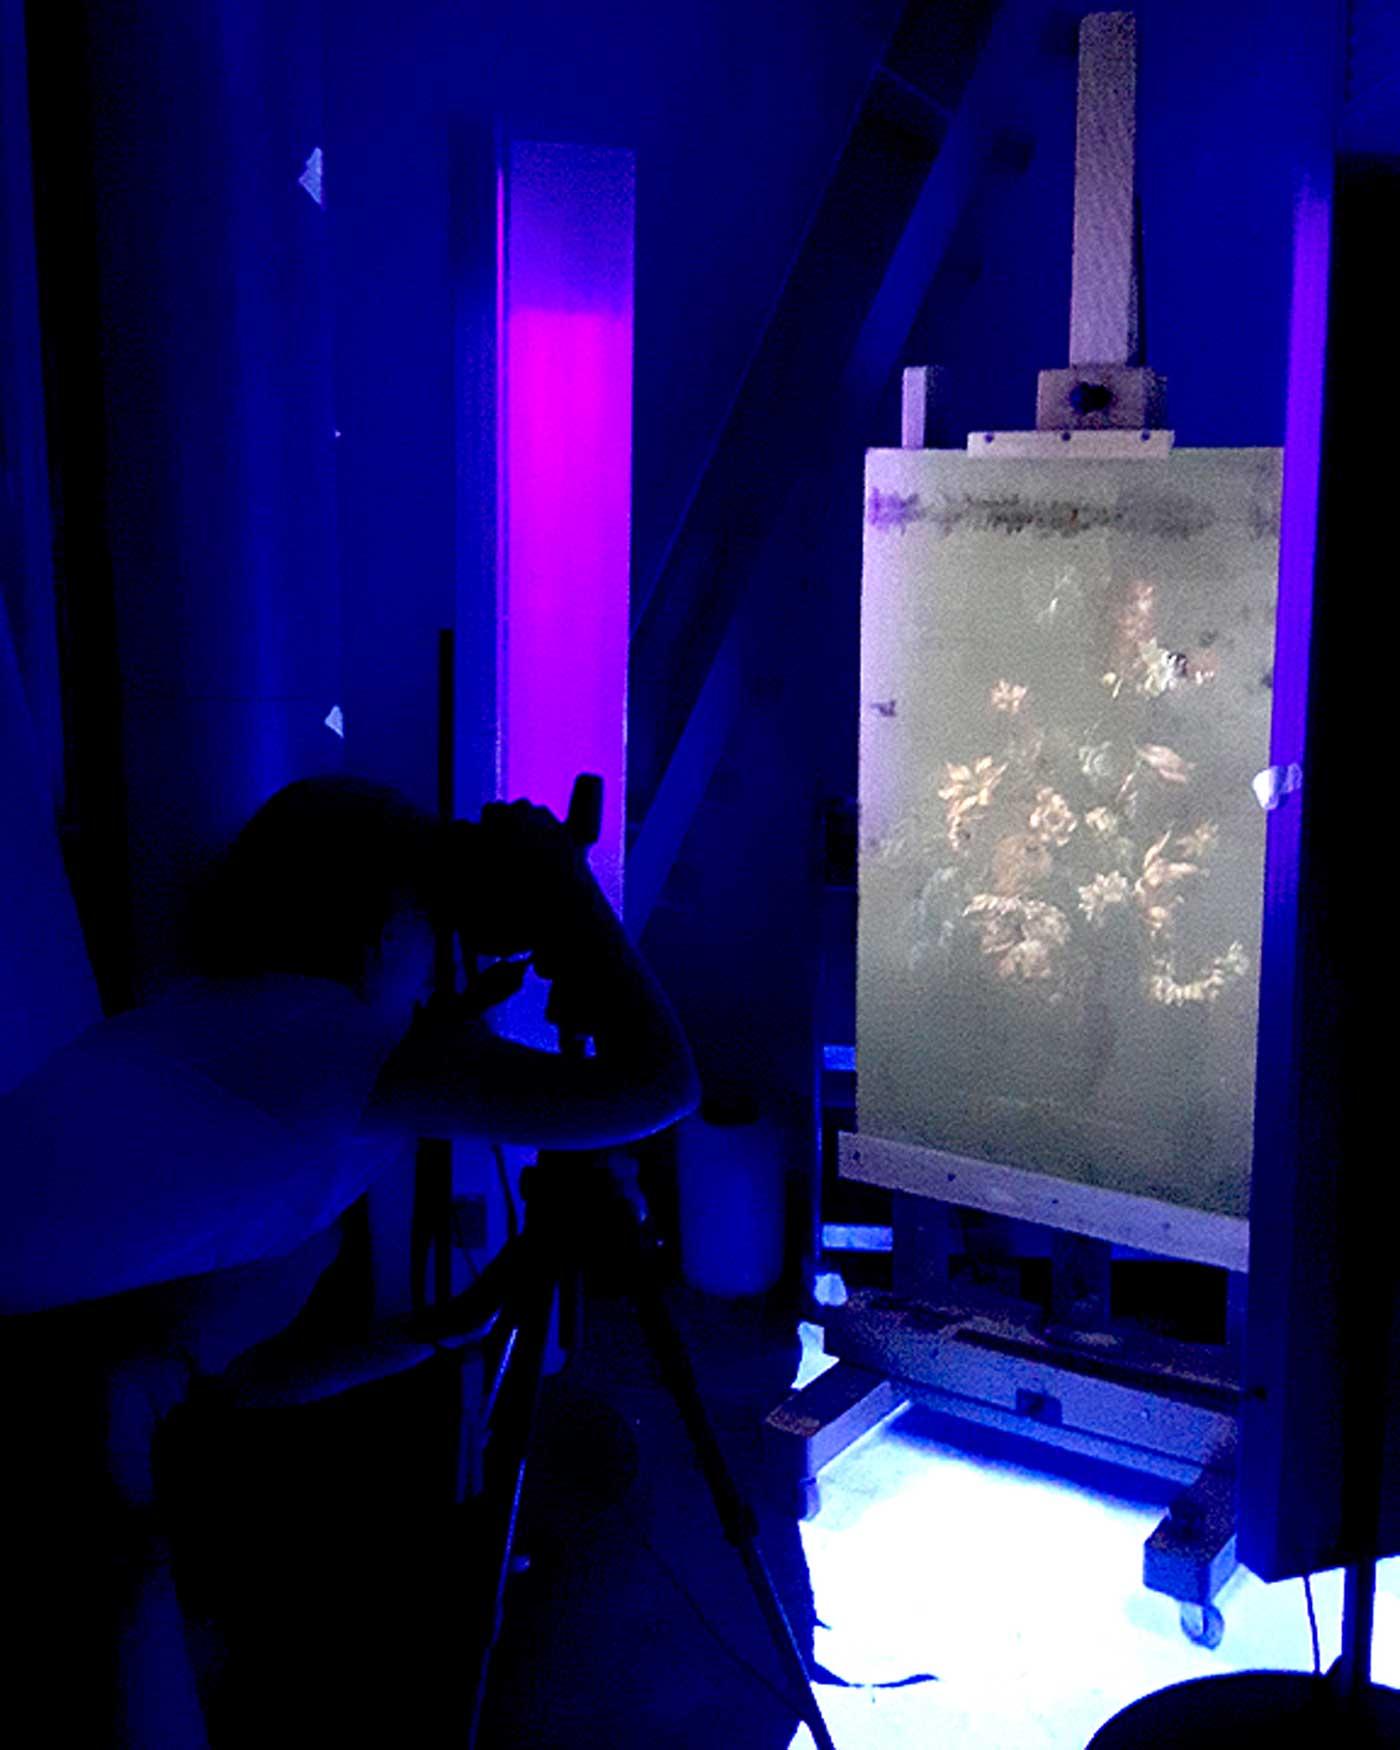 Still-life painting alight with UV-radiation